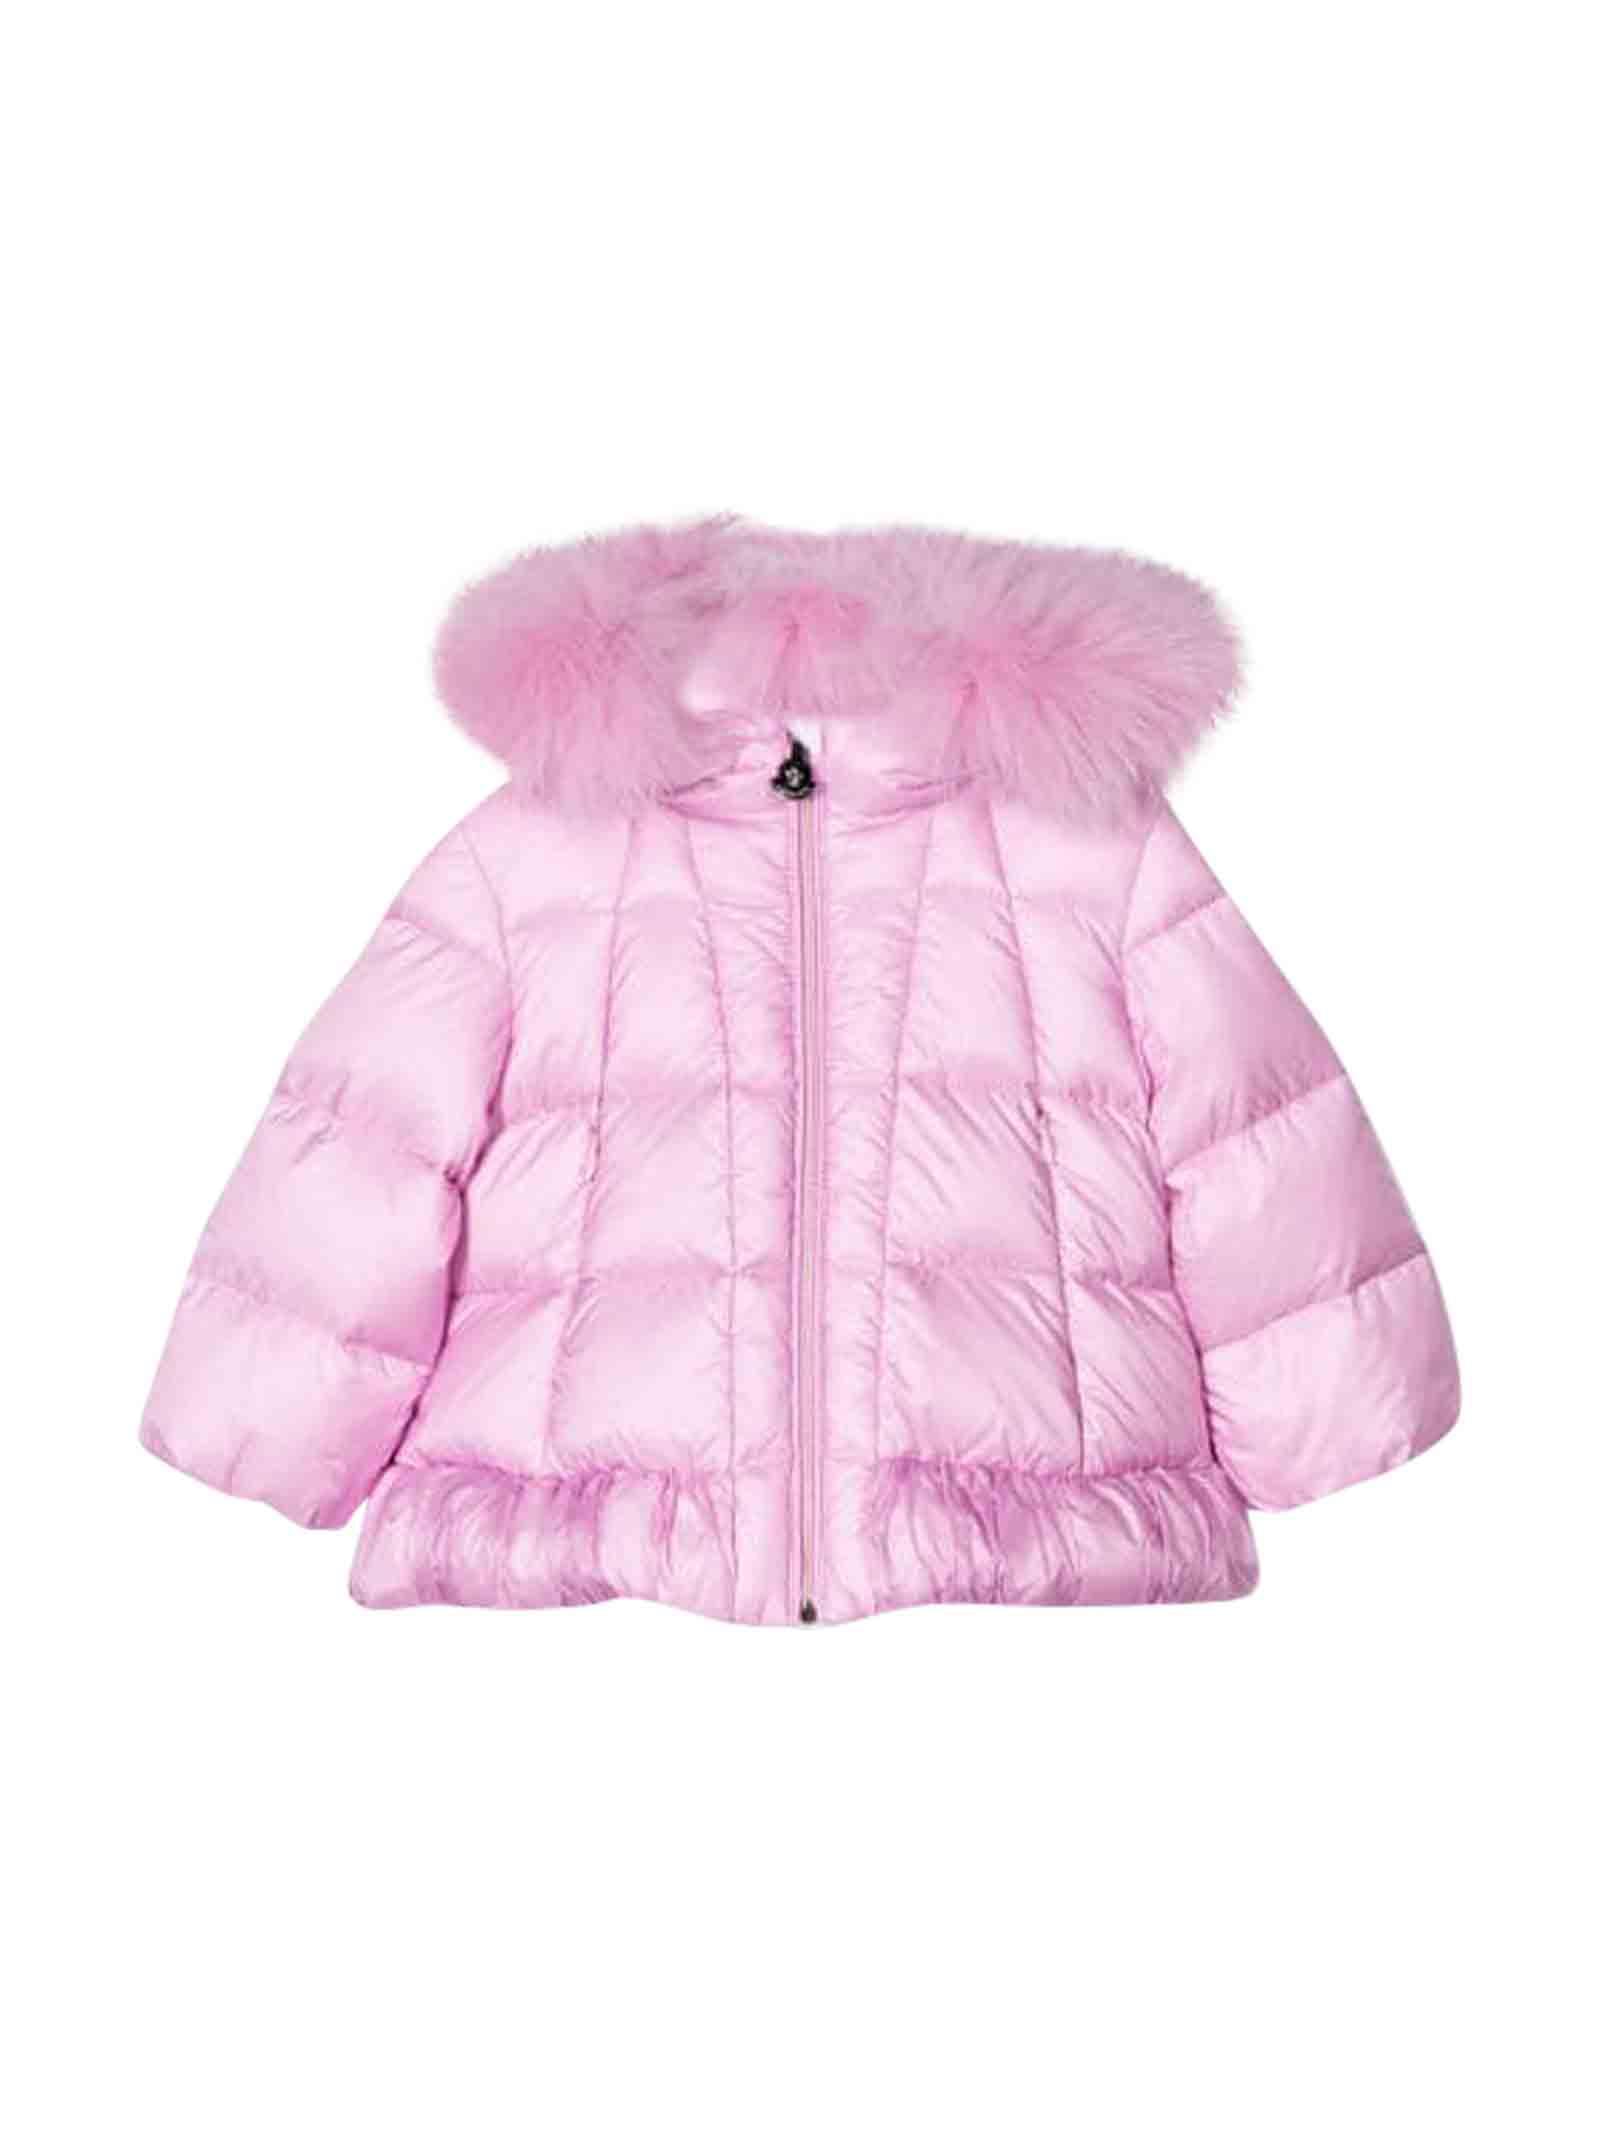 Moncler Pink Lightweight Jacket Verney